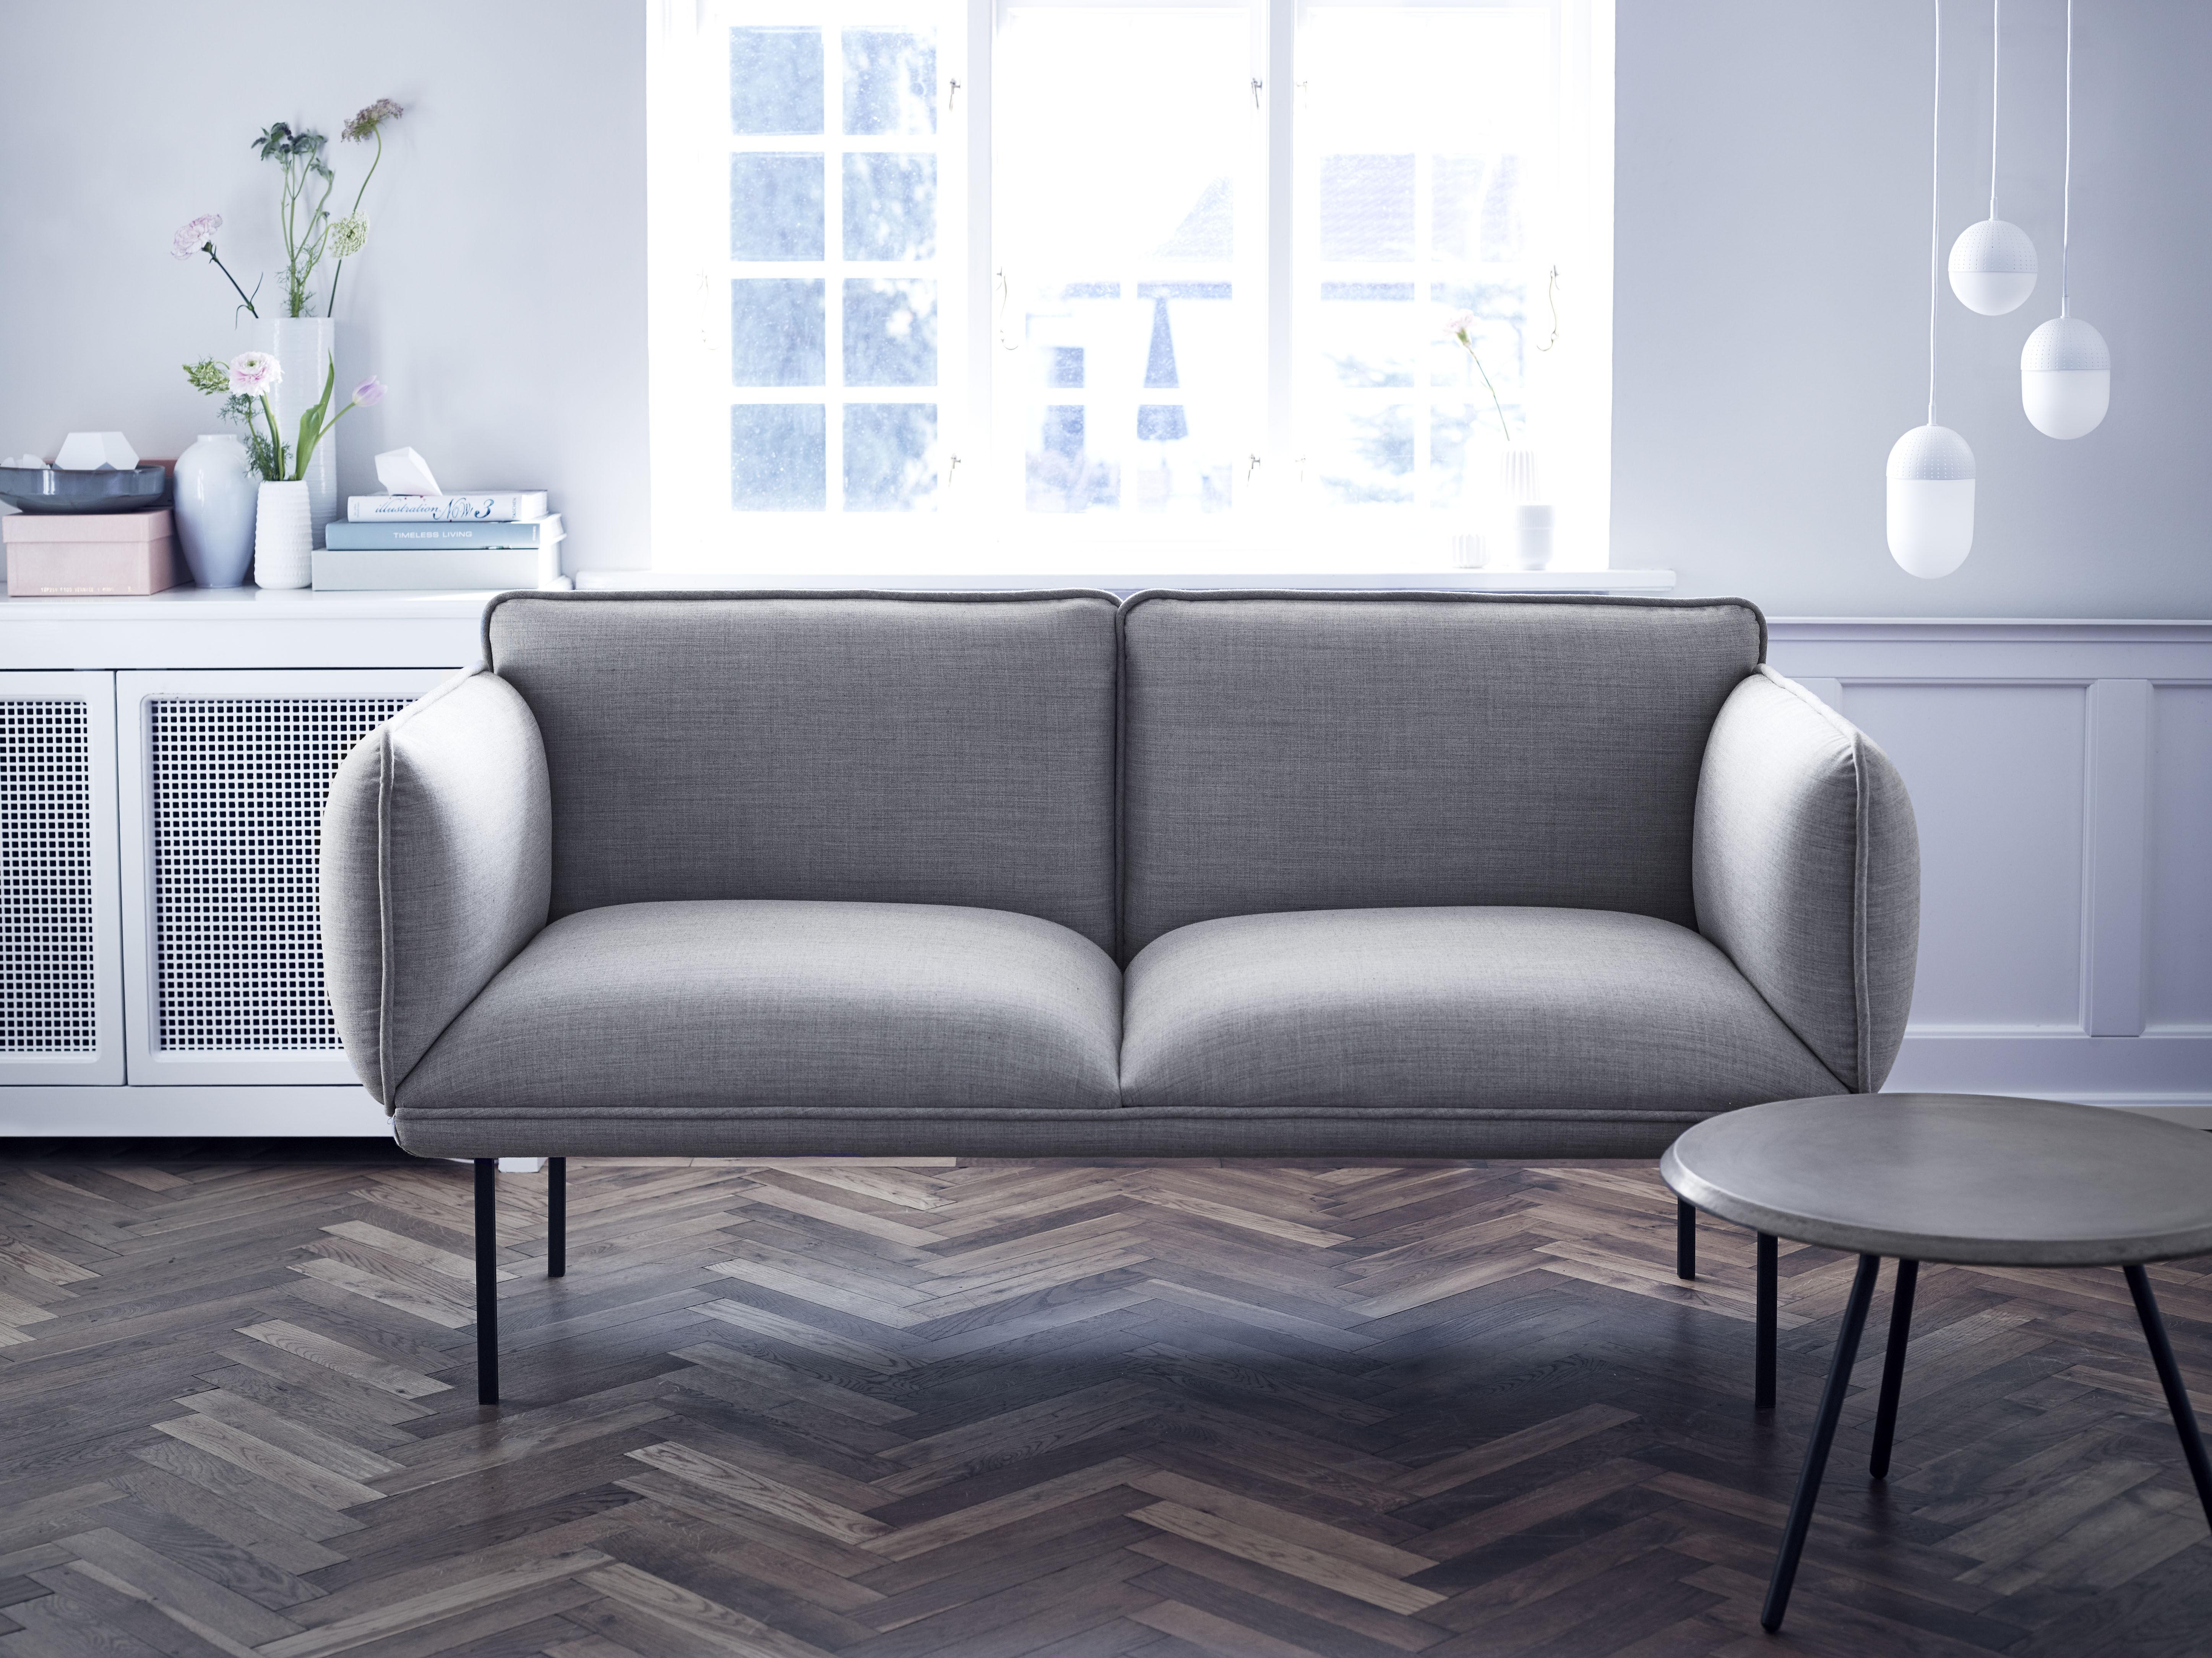 Nakki Divano destro by Woud | Made In Design